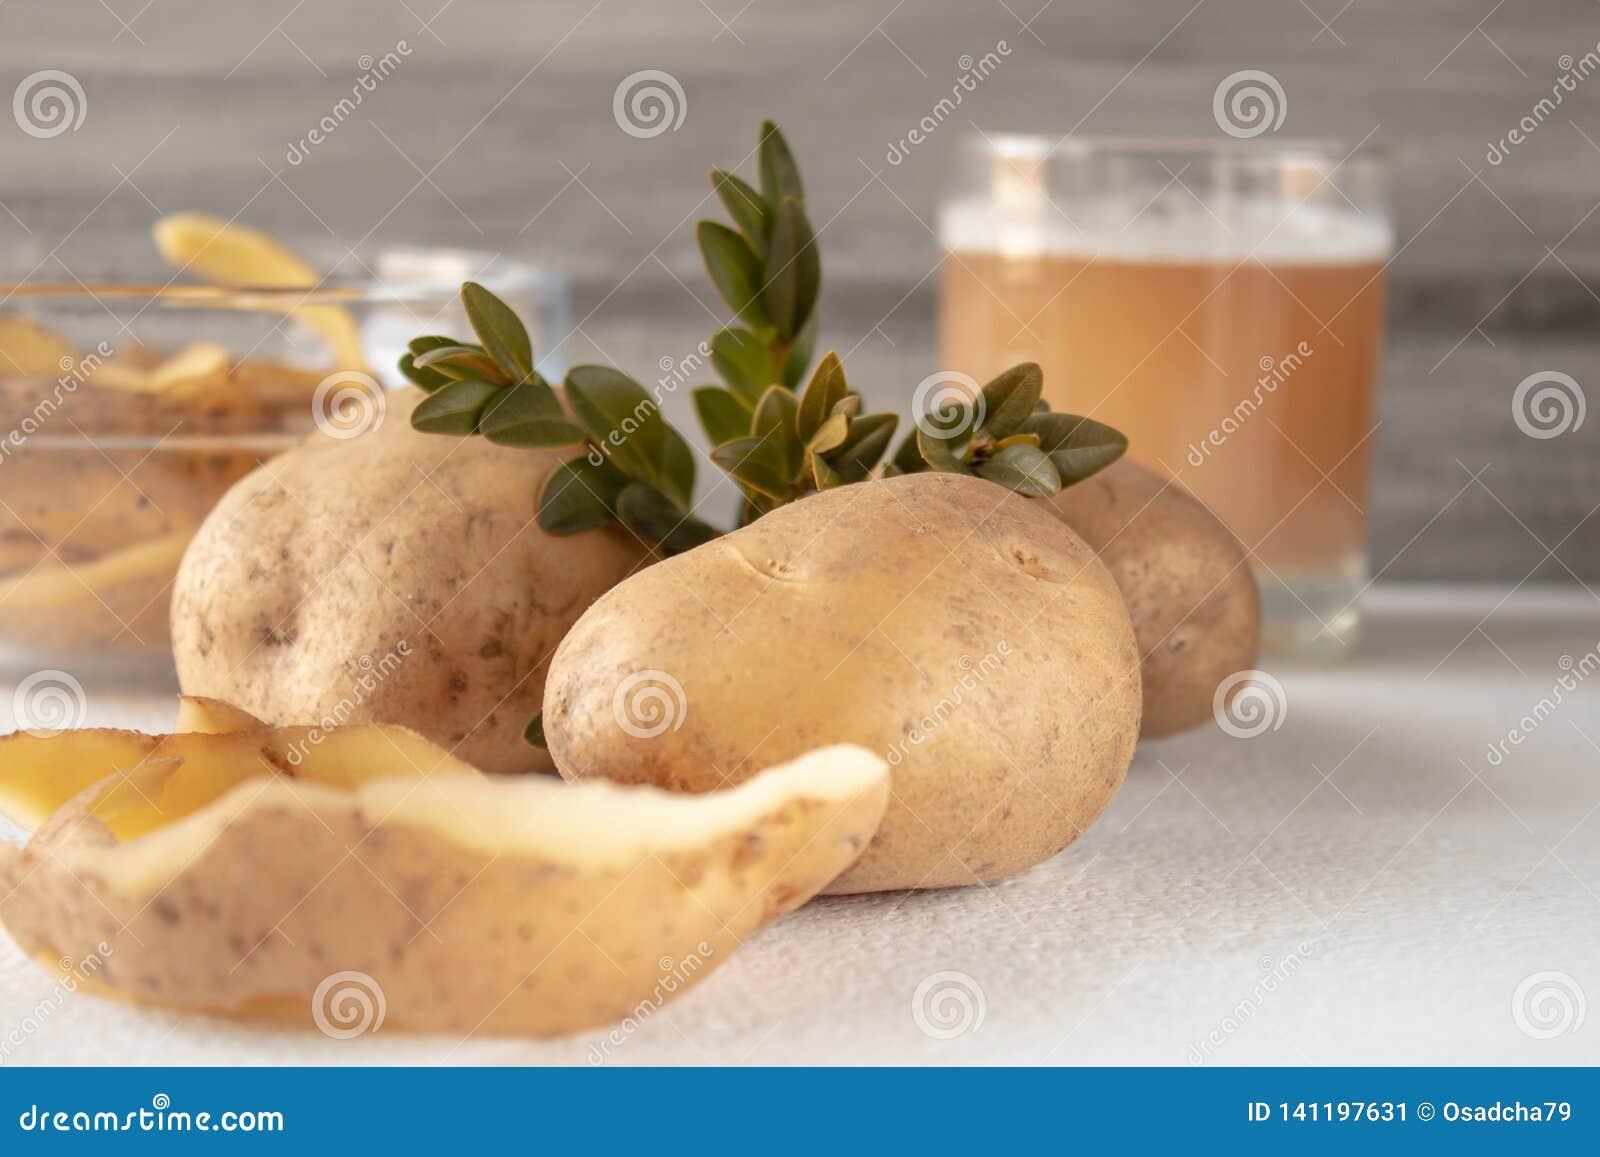 Сок с картошками в стекле слезли картошки